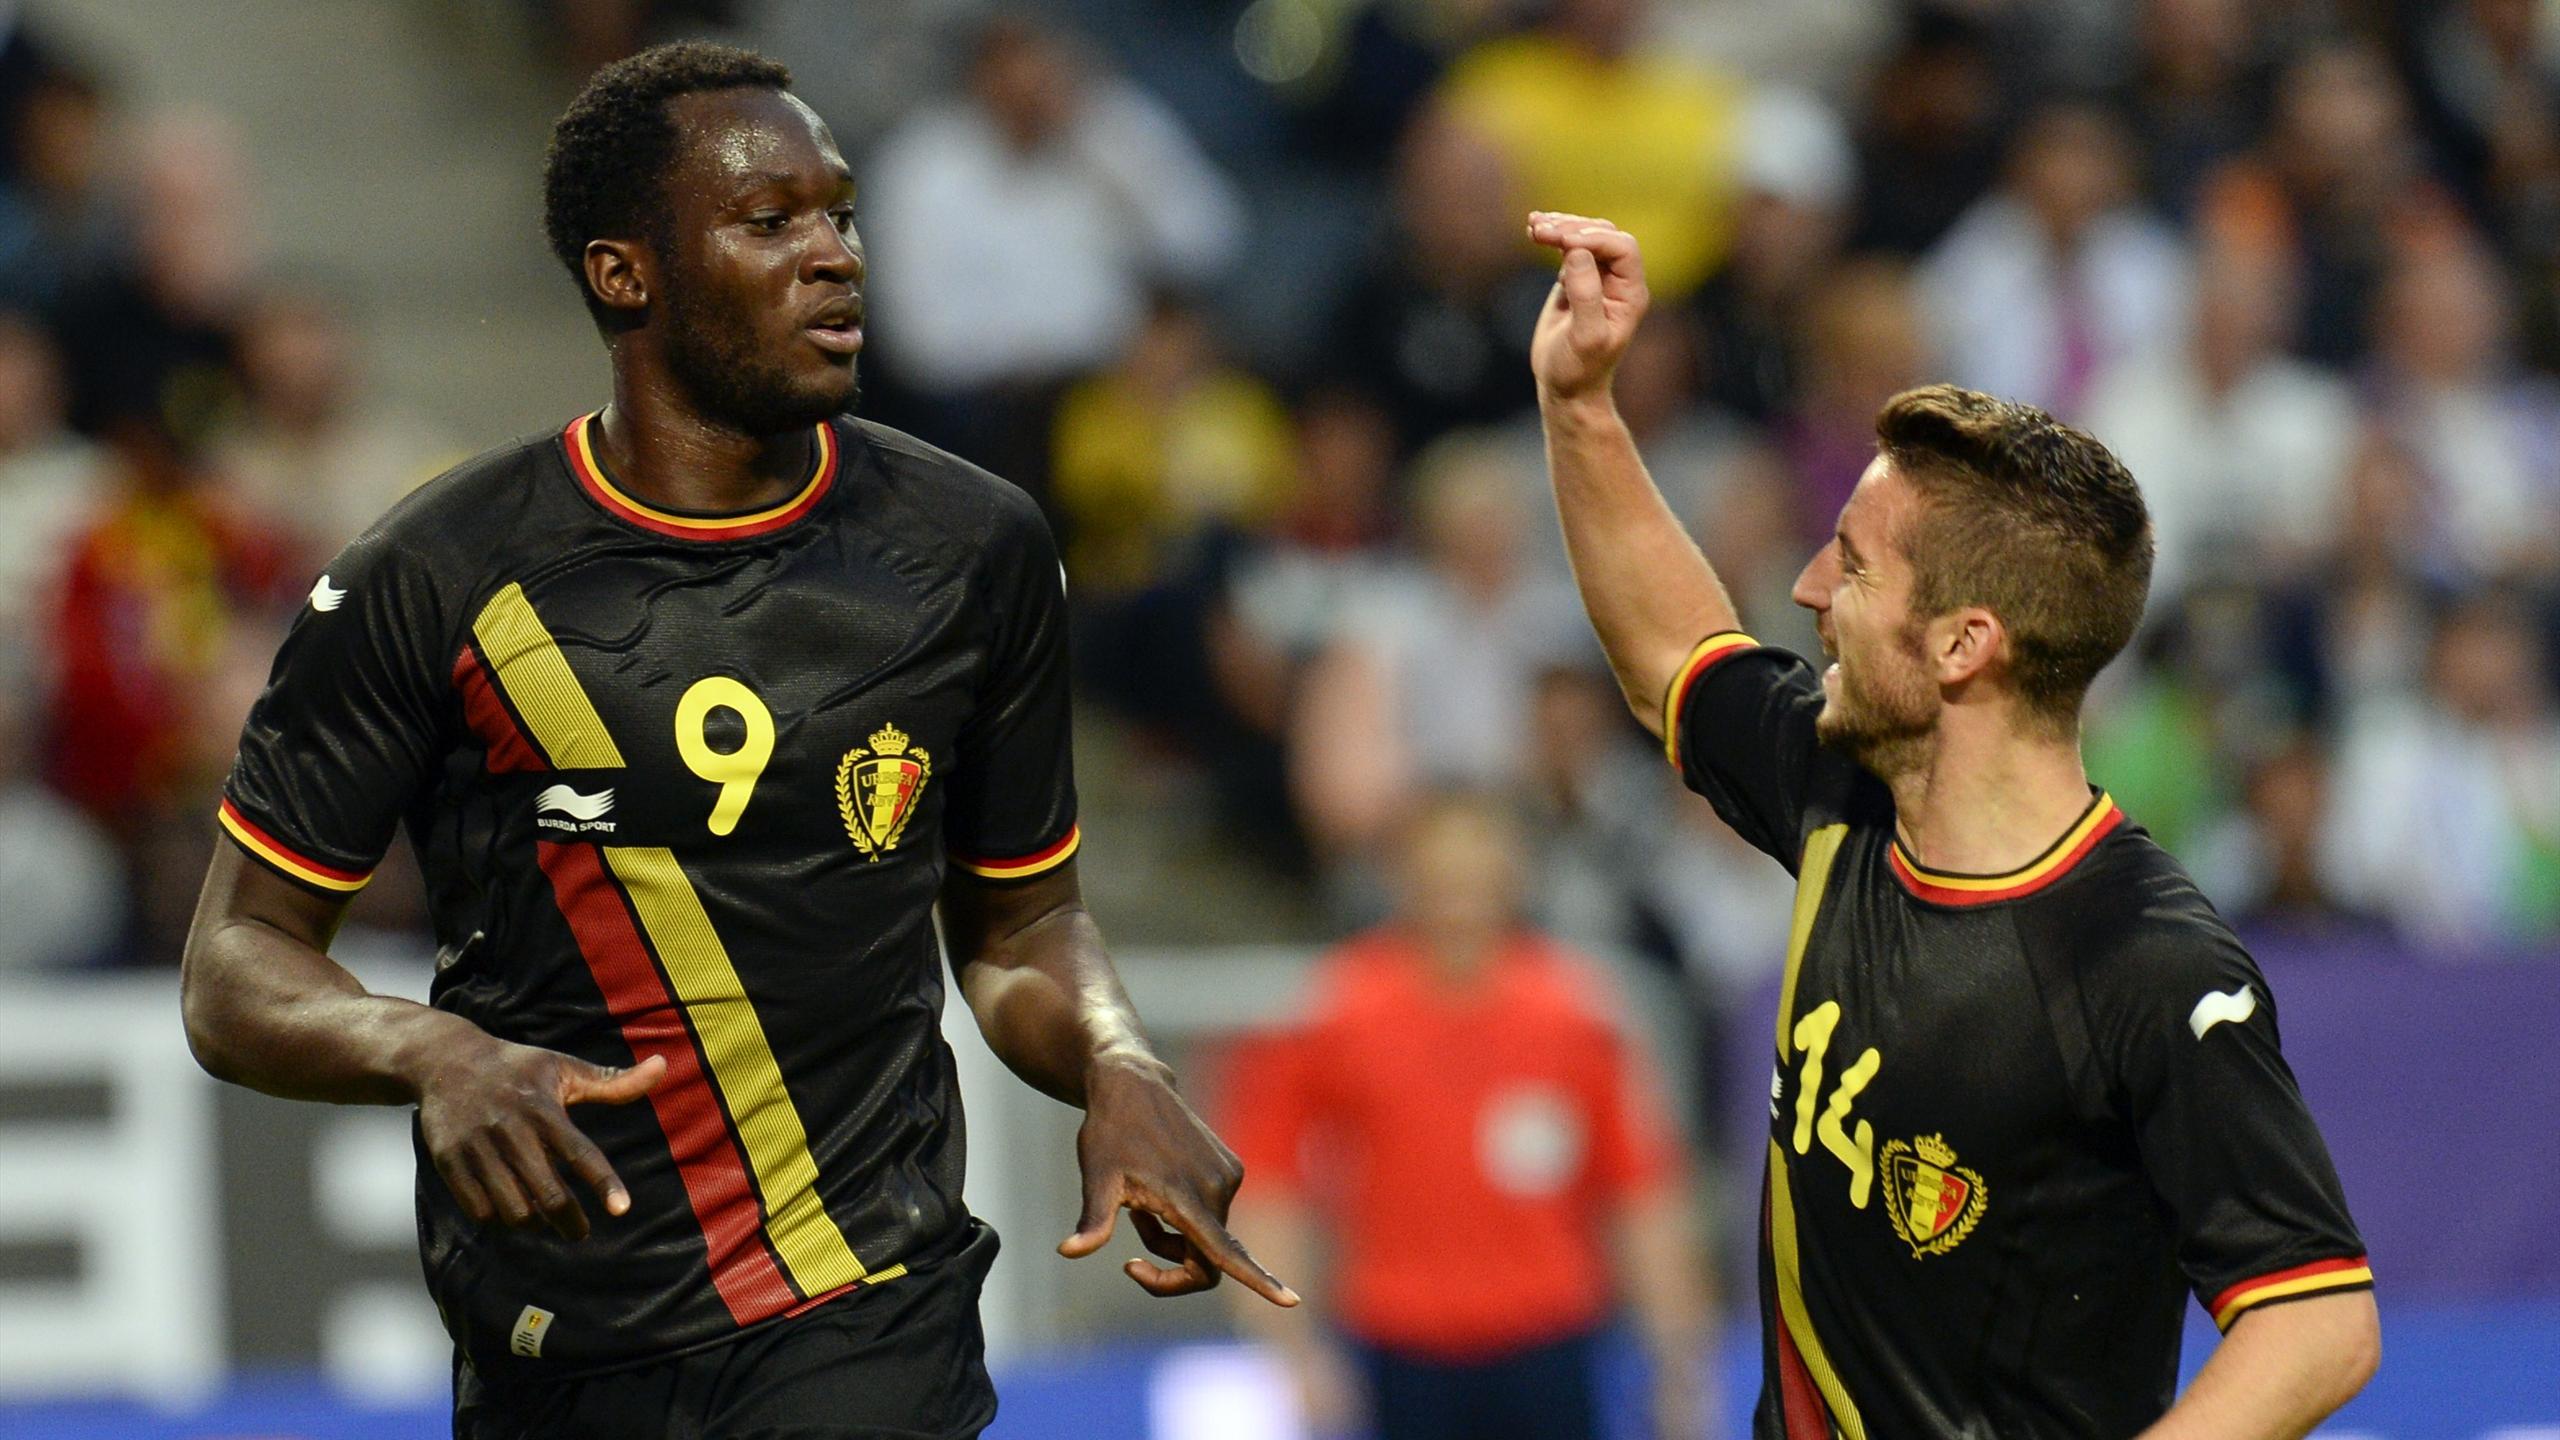 World Cup - Lukaku and Hazard score in comfortable Belgium win over Sweden